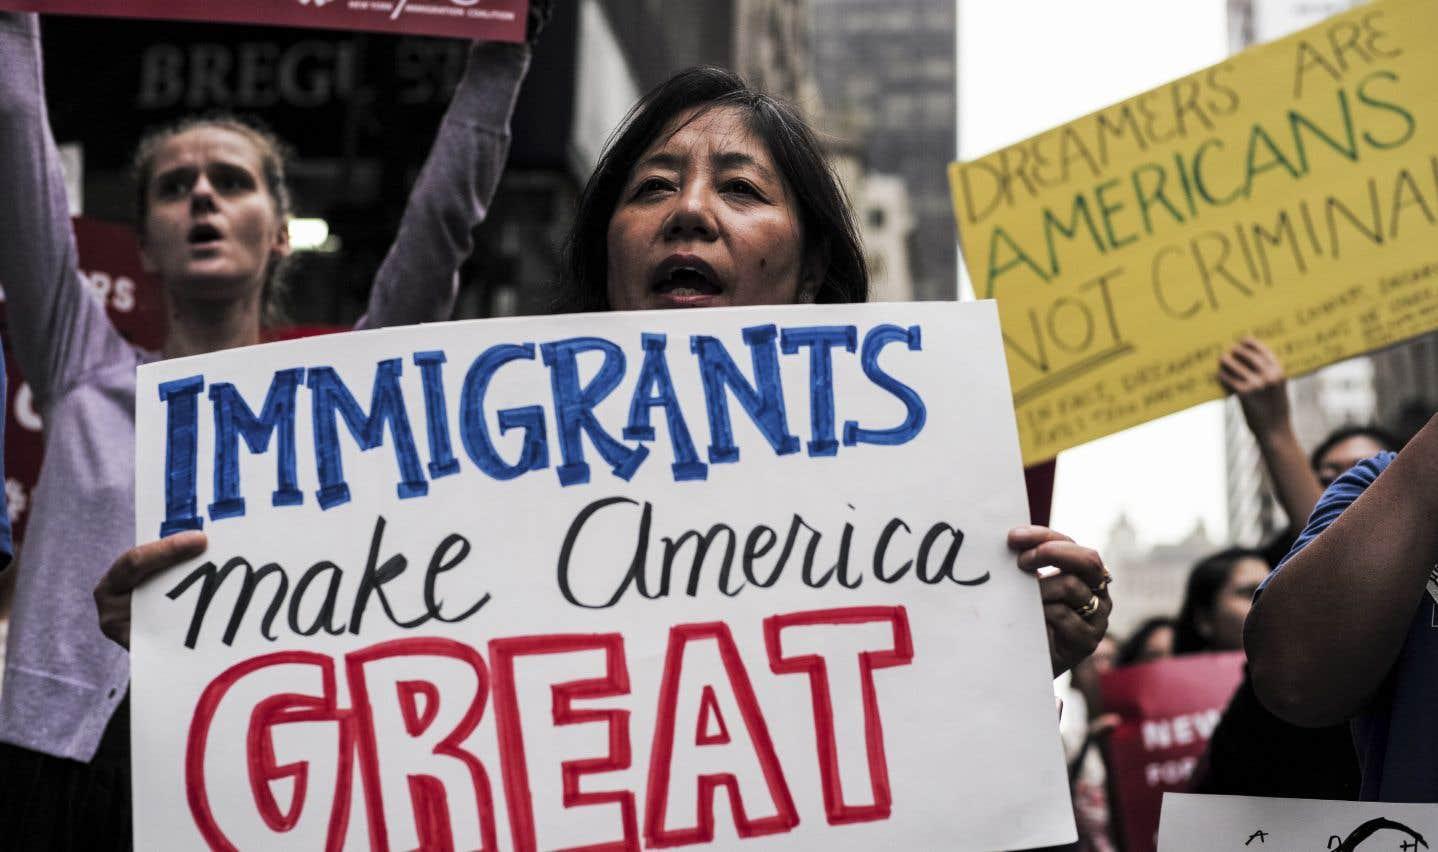 Manifestation contre les politiques d'immigration du président Donald Trump. La mise en œuvre des propositions du président serait considérée comme un mouvement tectonique dans l'histoire des politiques migratoires américaines.